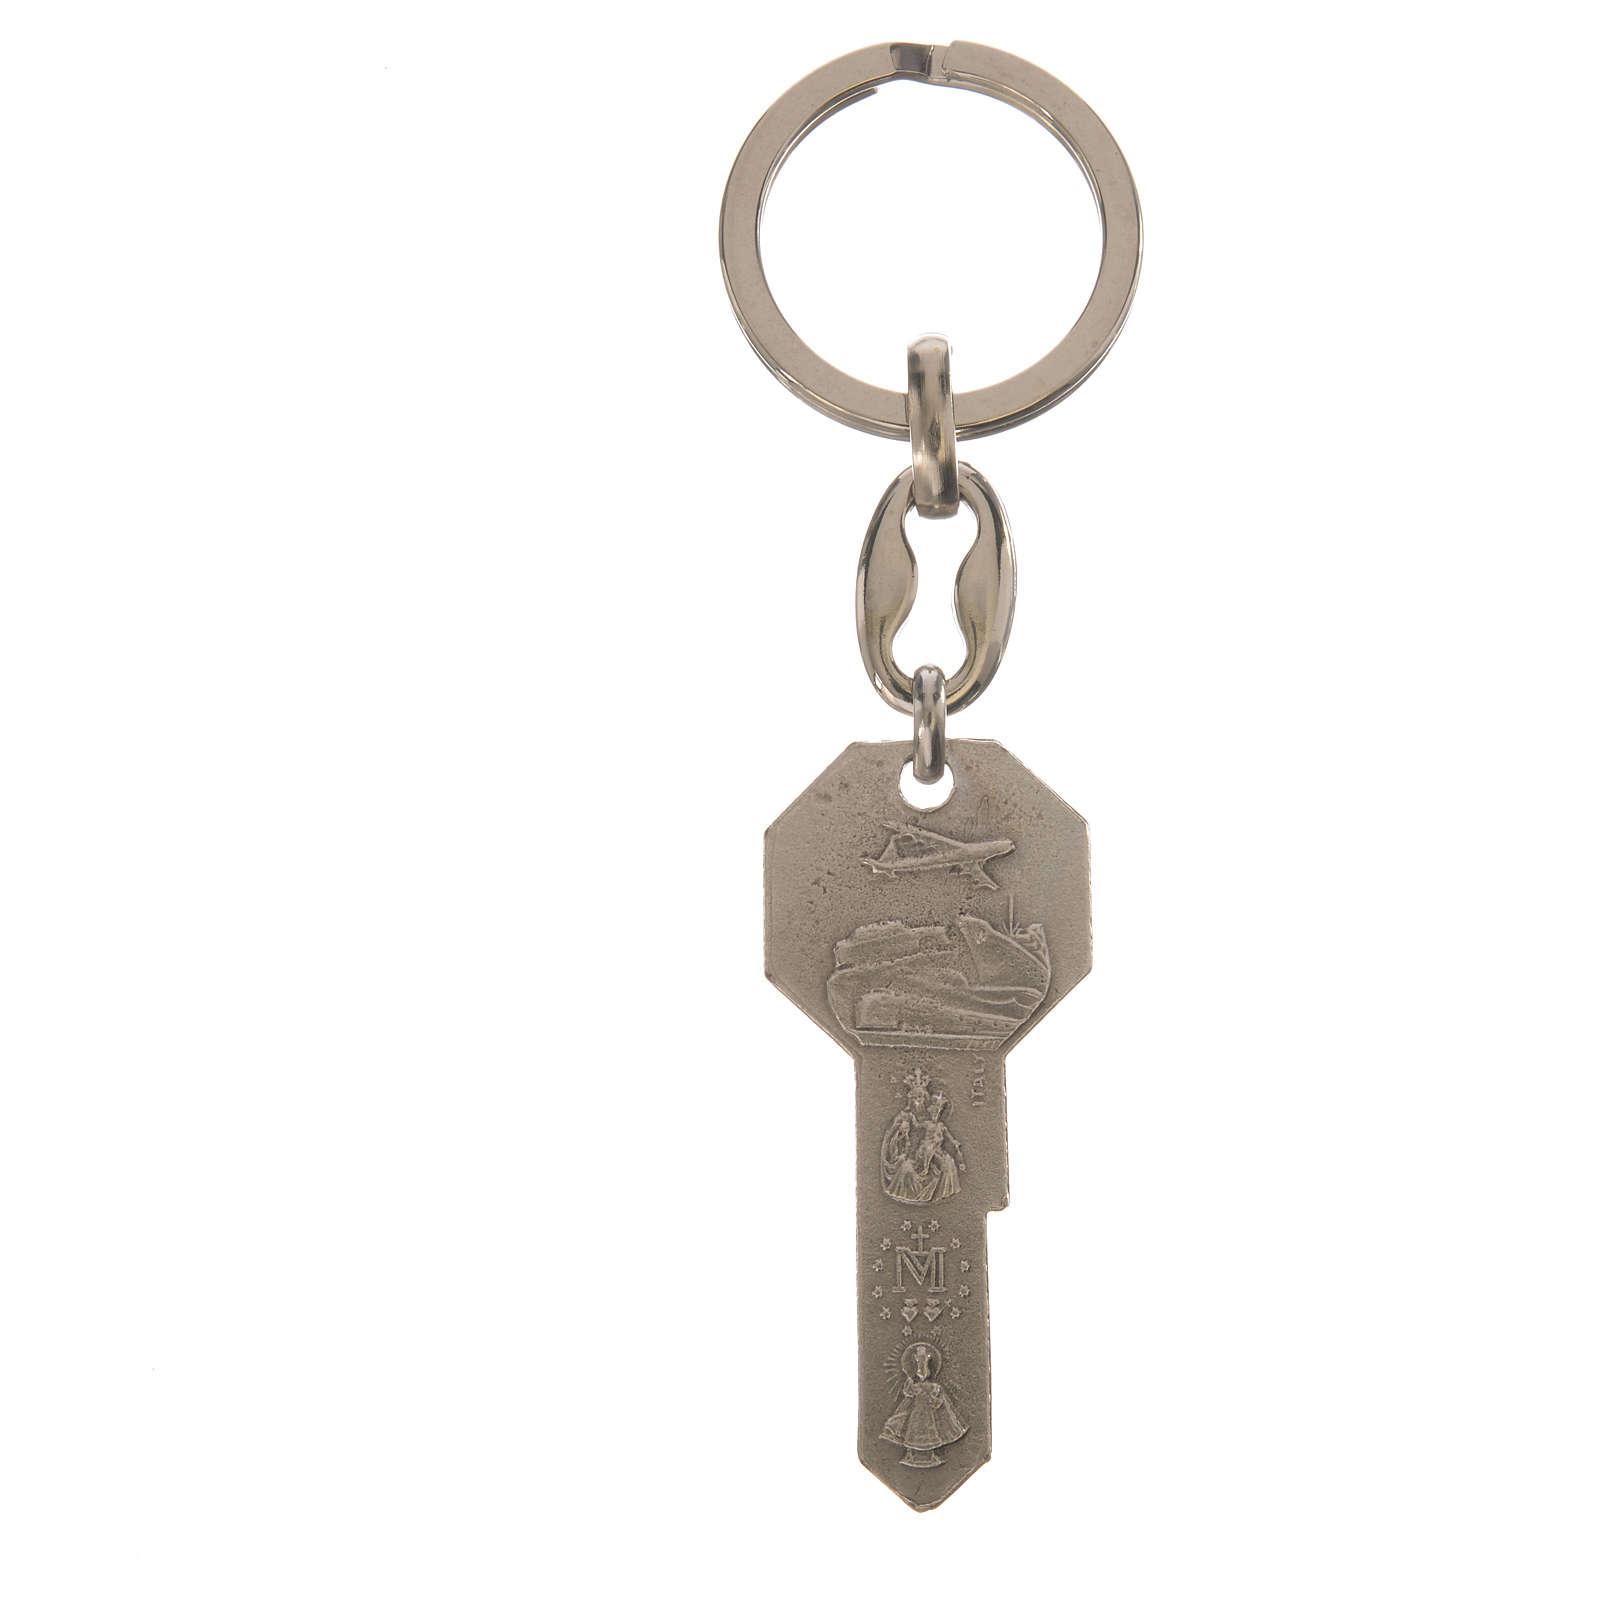 Portachiavi metallo forma di chiave 3